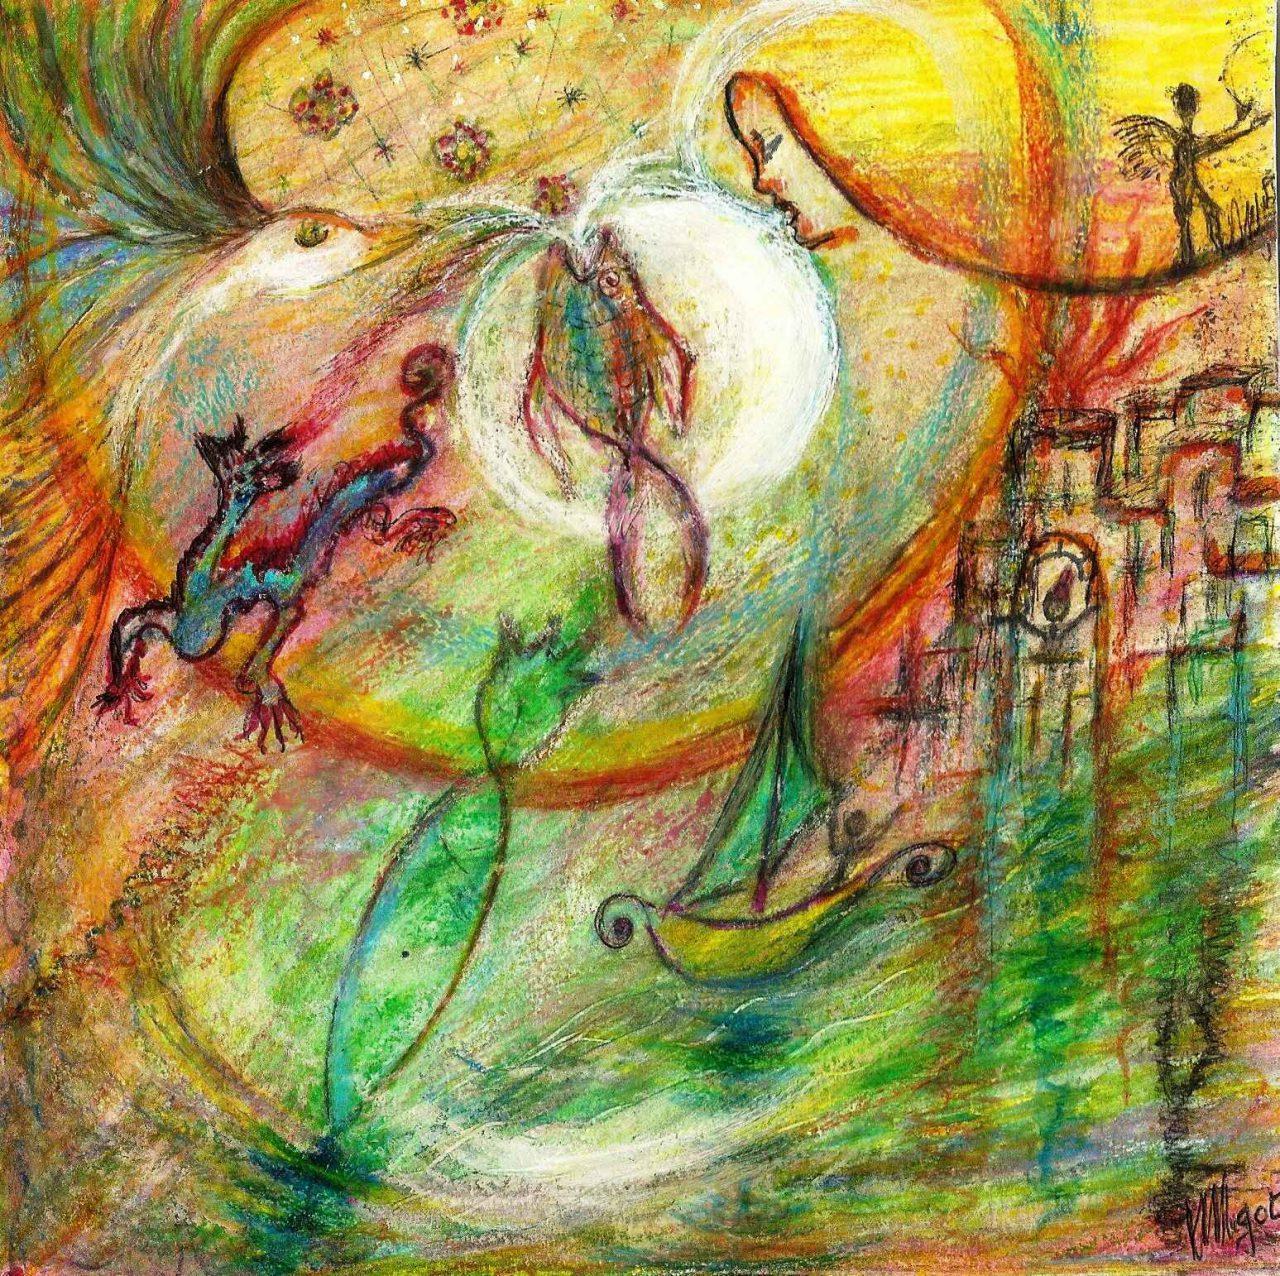 Voyage vers l'Inconscient - Premier Rêve par Vinca Migot